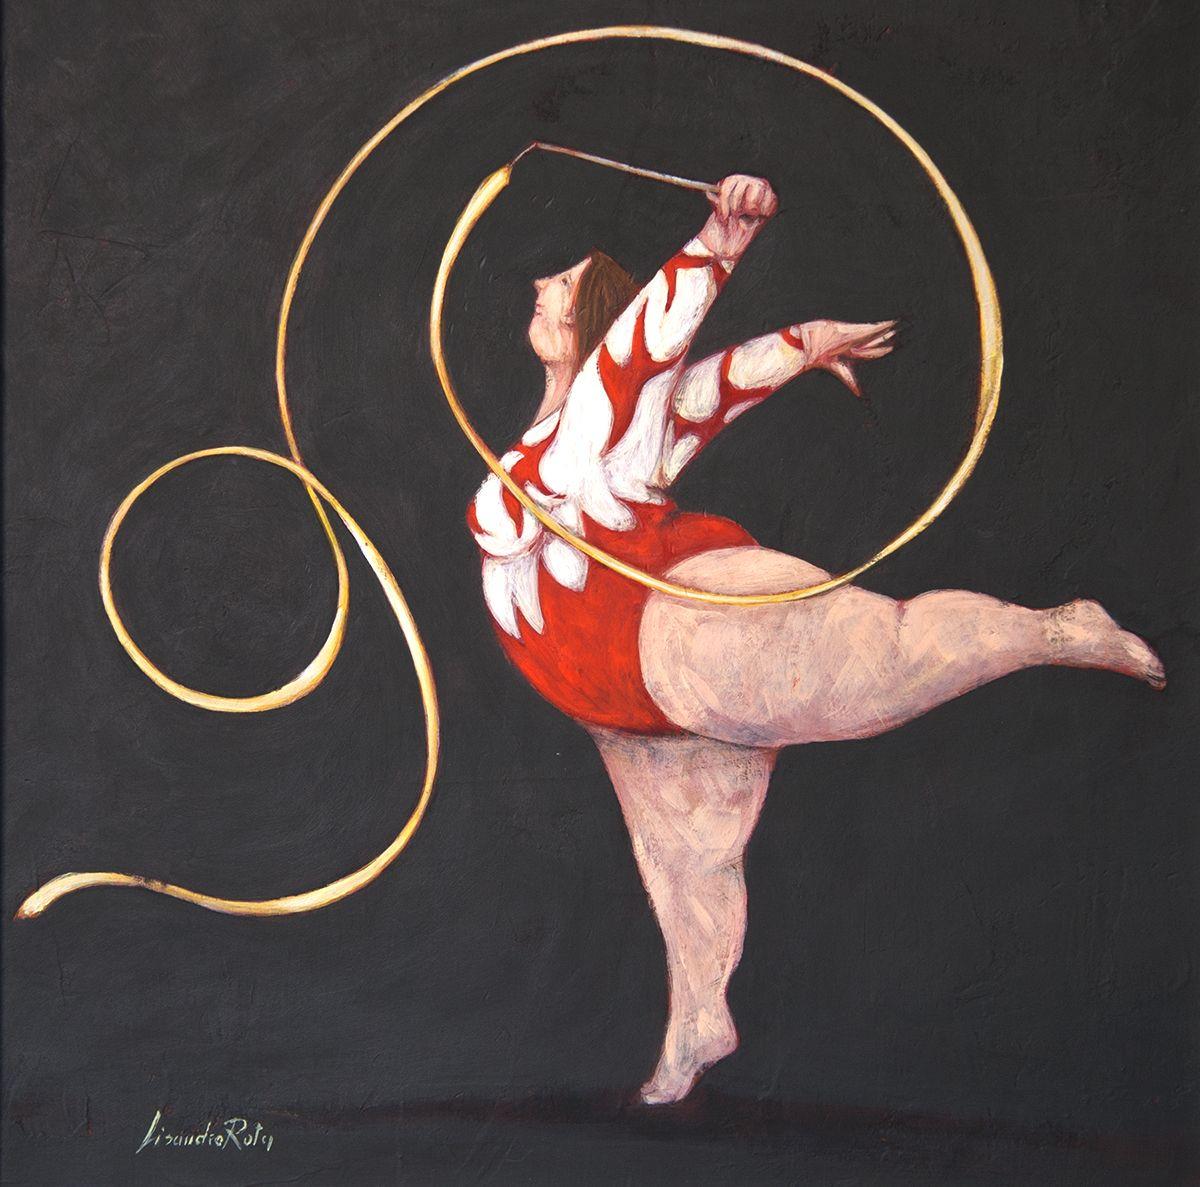 Le spirali saggio di ginnastica artistica i cartoni animati